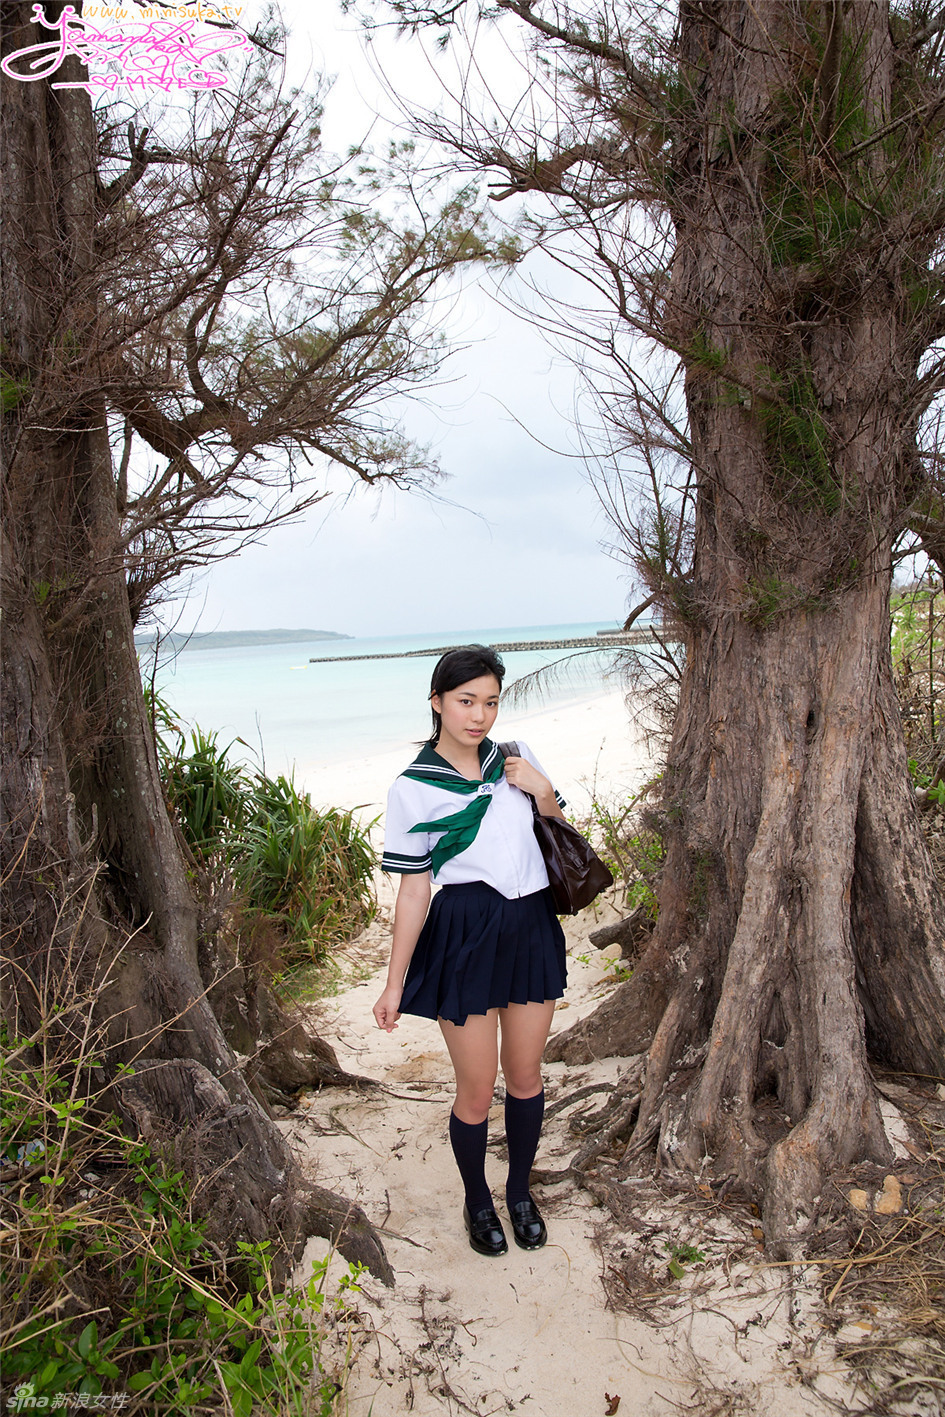 日本学生妹制服裙翻飞海边脱衣玩耍好刺激 - 帅哥美女 - 倍可亲